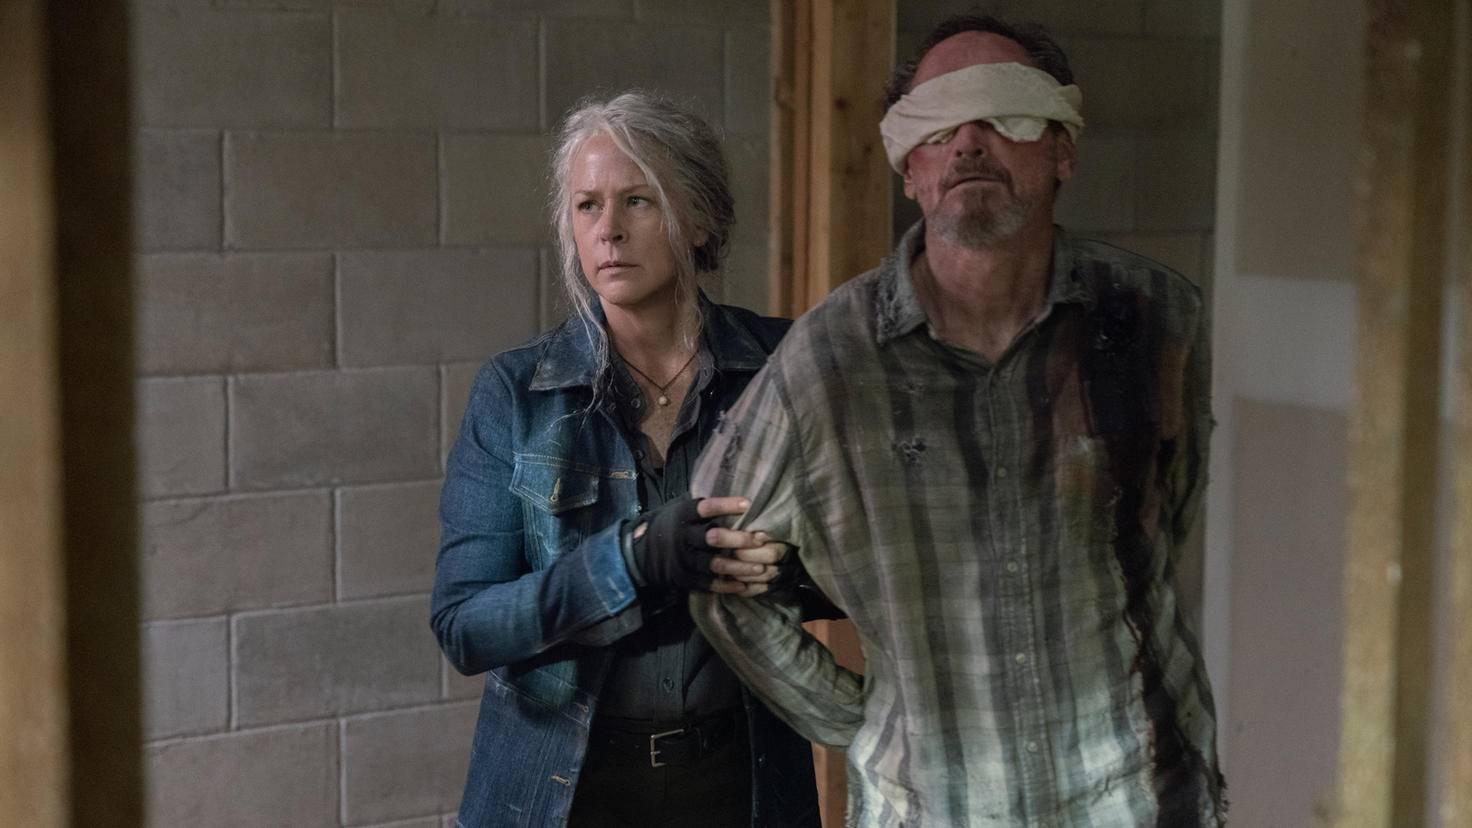 The Walking Dead-S10E07-Carol-Whisperer-Jace Downs-AMC